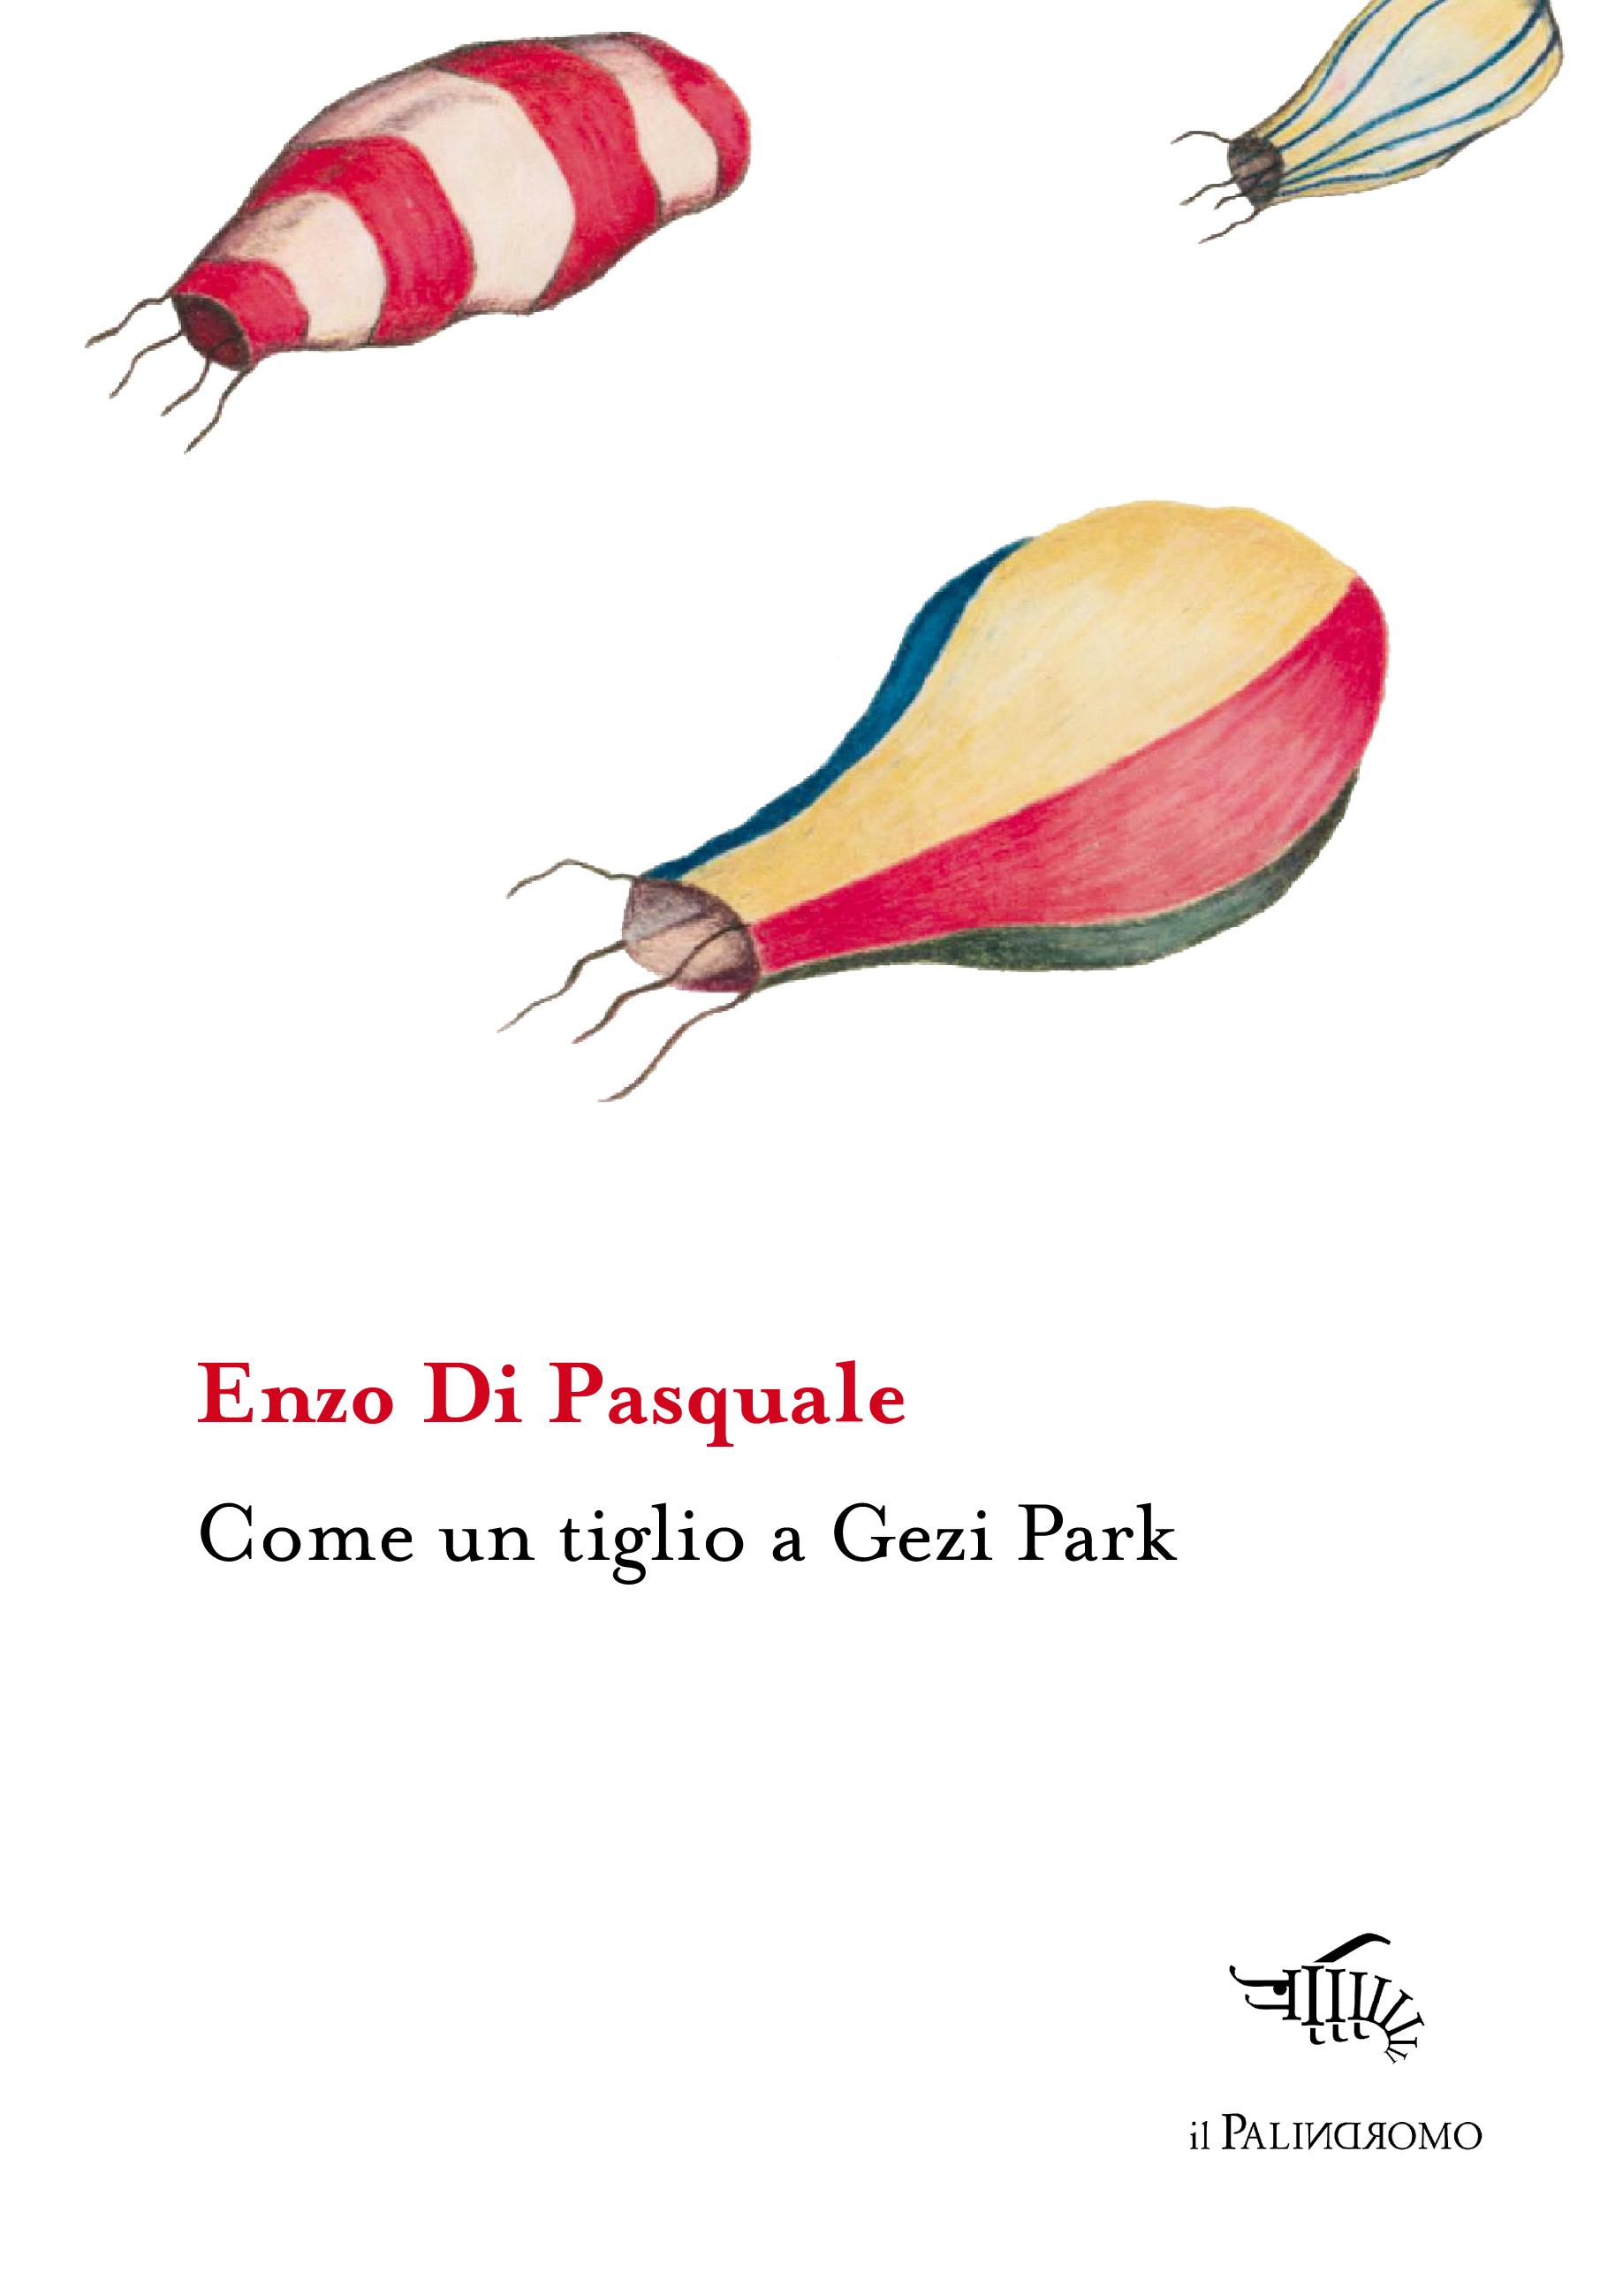 Autore: Enzo Di Pasquale